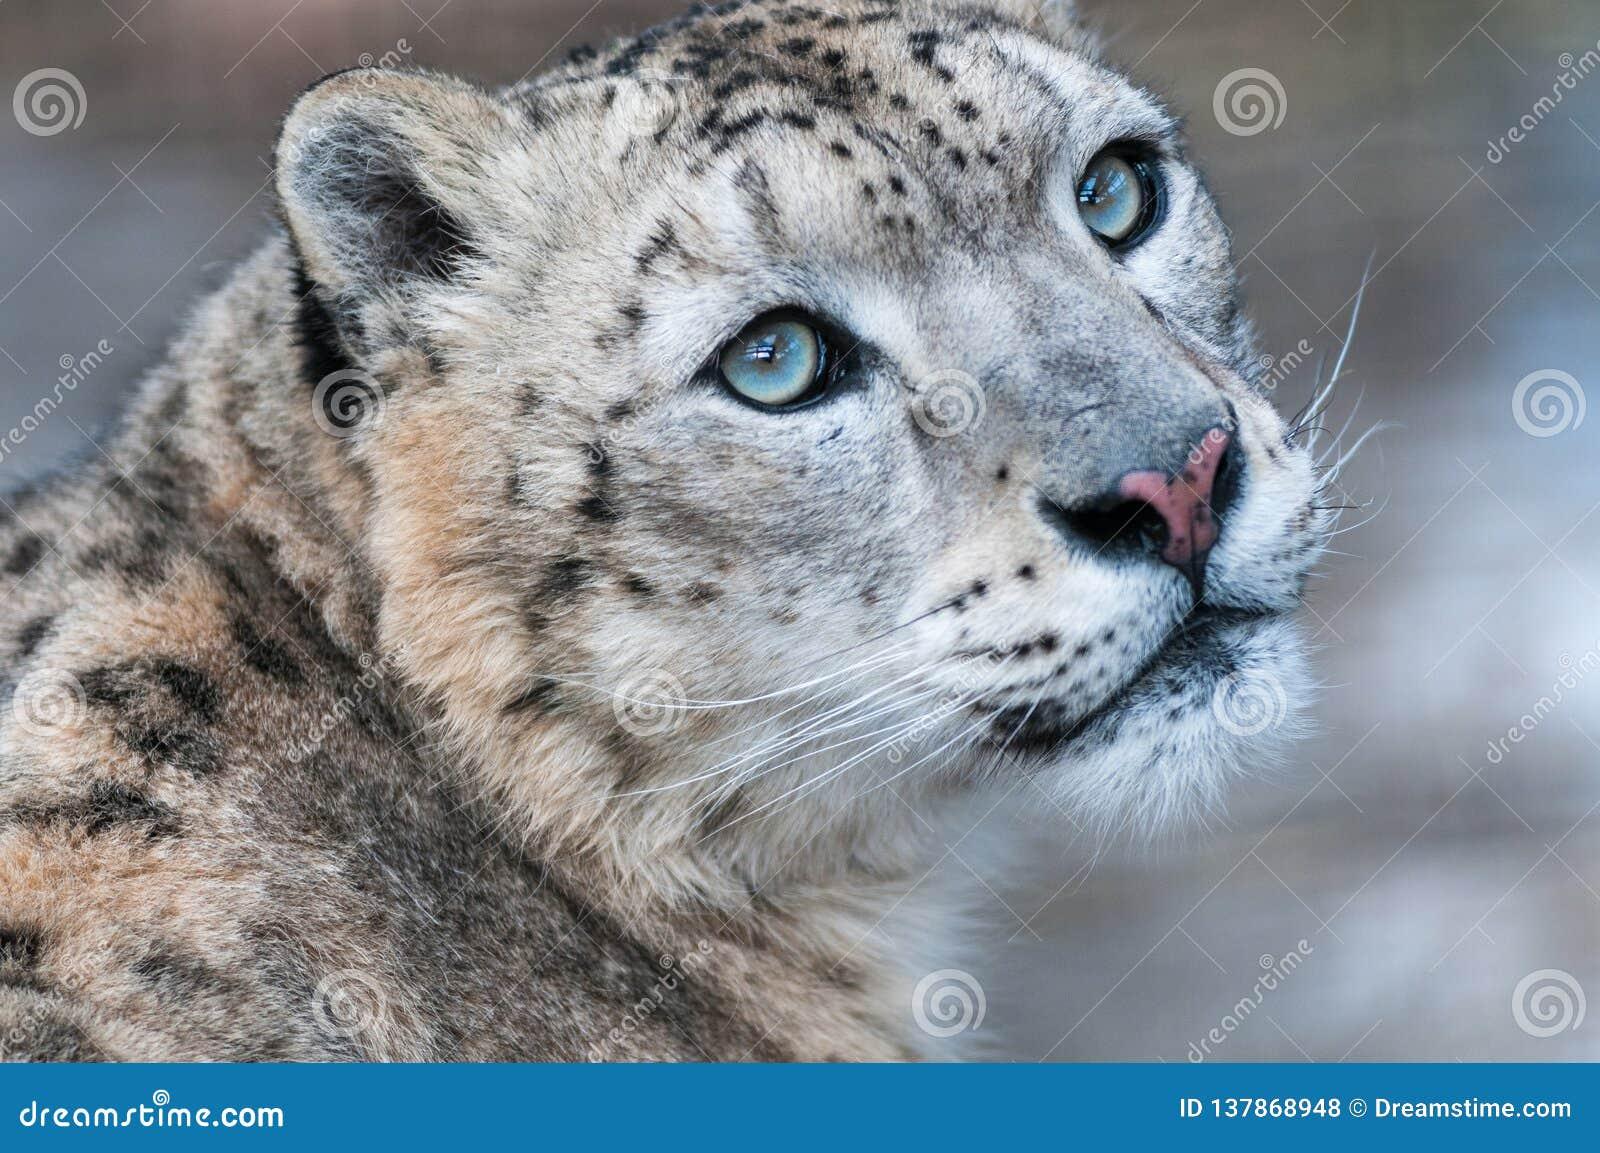 Śnieżny lampart, śnieżny lampart, drapieżnik, dziki kot, góry, śnieg, przyroda